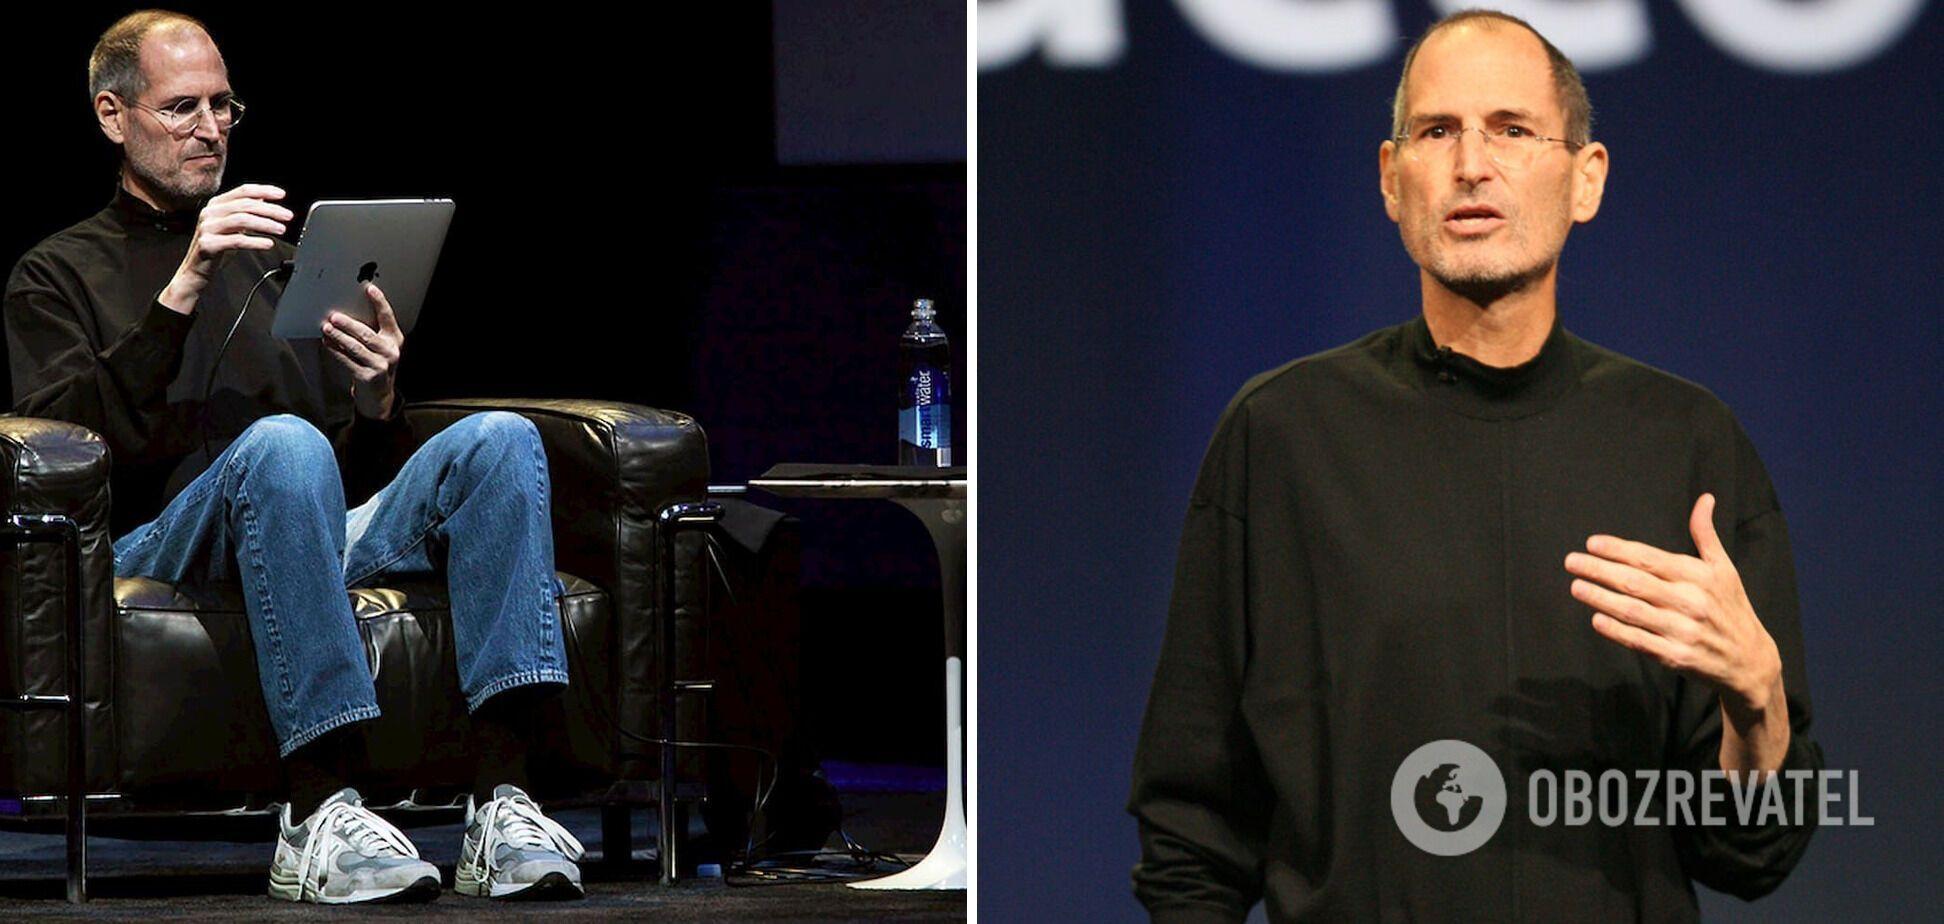 Стів Джобс завжди носив лише джинси і чорну кофтину